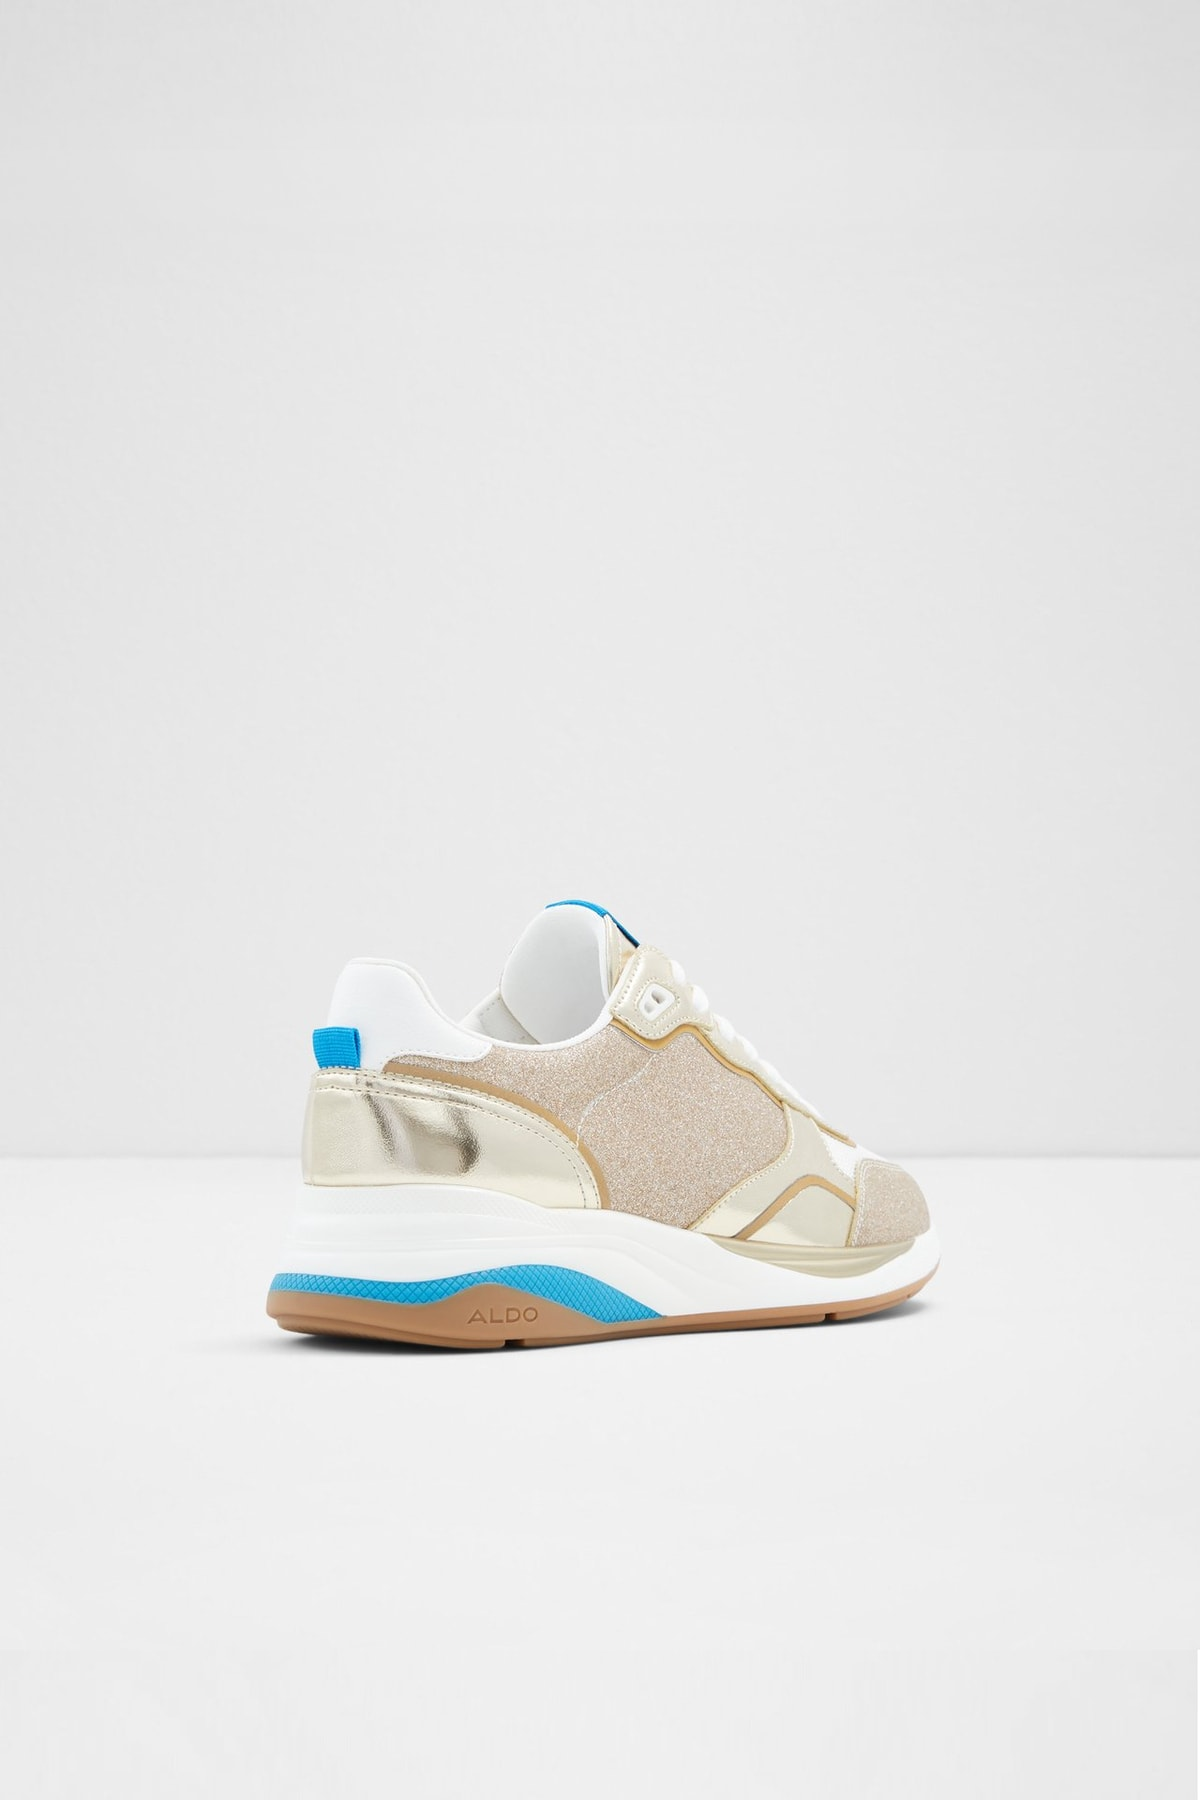 کفش کتانی آلدو سفید آبی طلایی طلائی زنانه Aldo